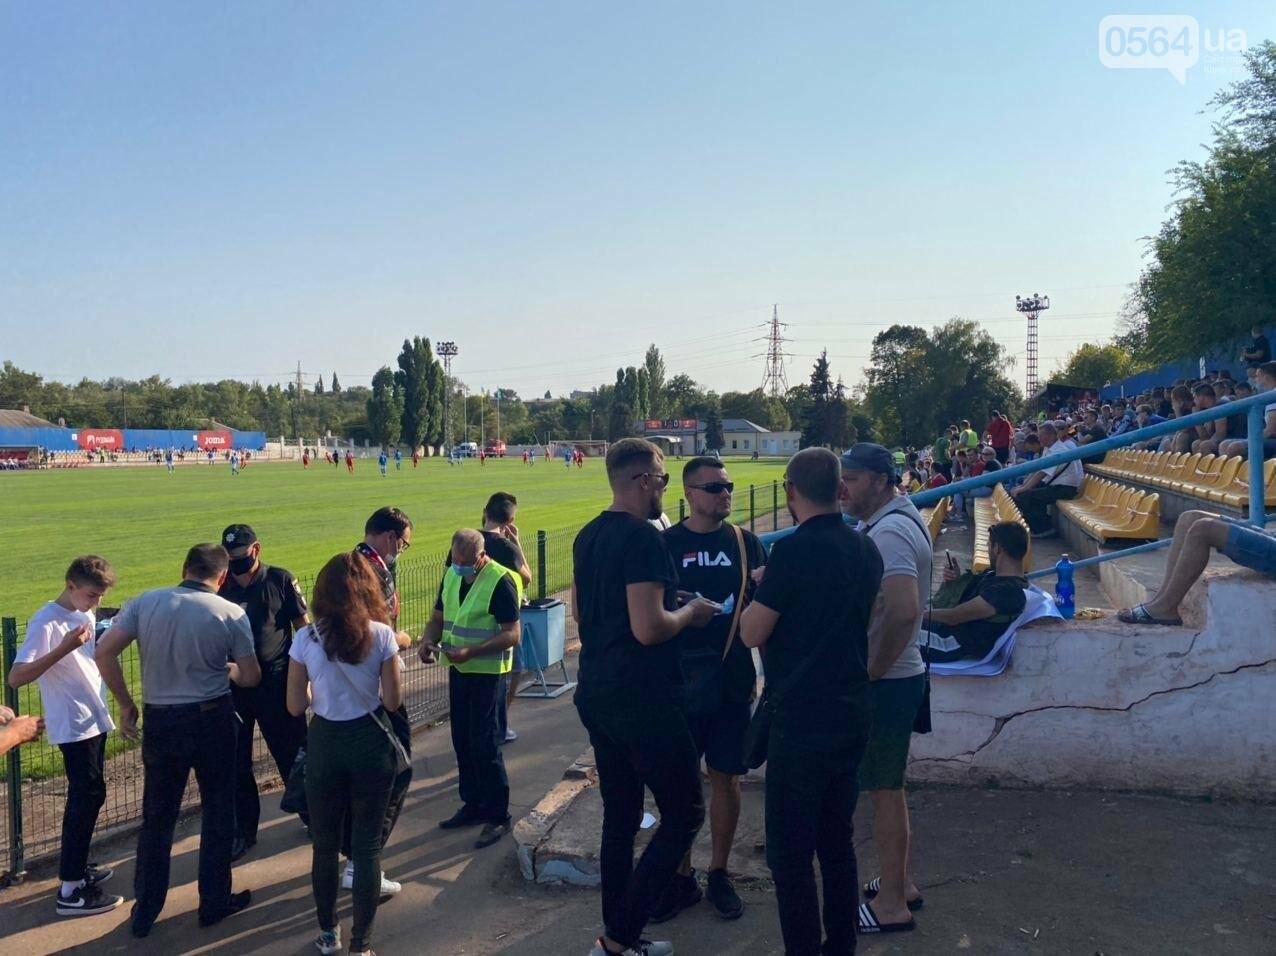 В Кривом Роге начался матч между ФК «Кривбасс» и ФК «Таврия»,  - ФОТО, ВИДЕО, фото-2